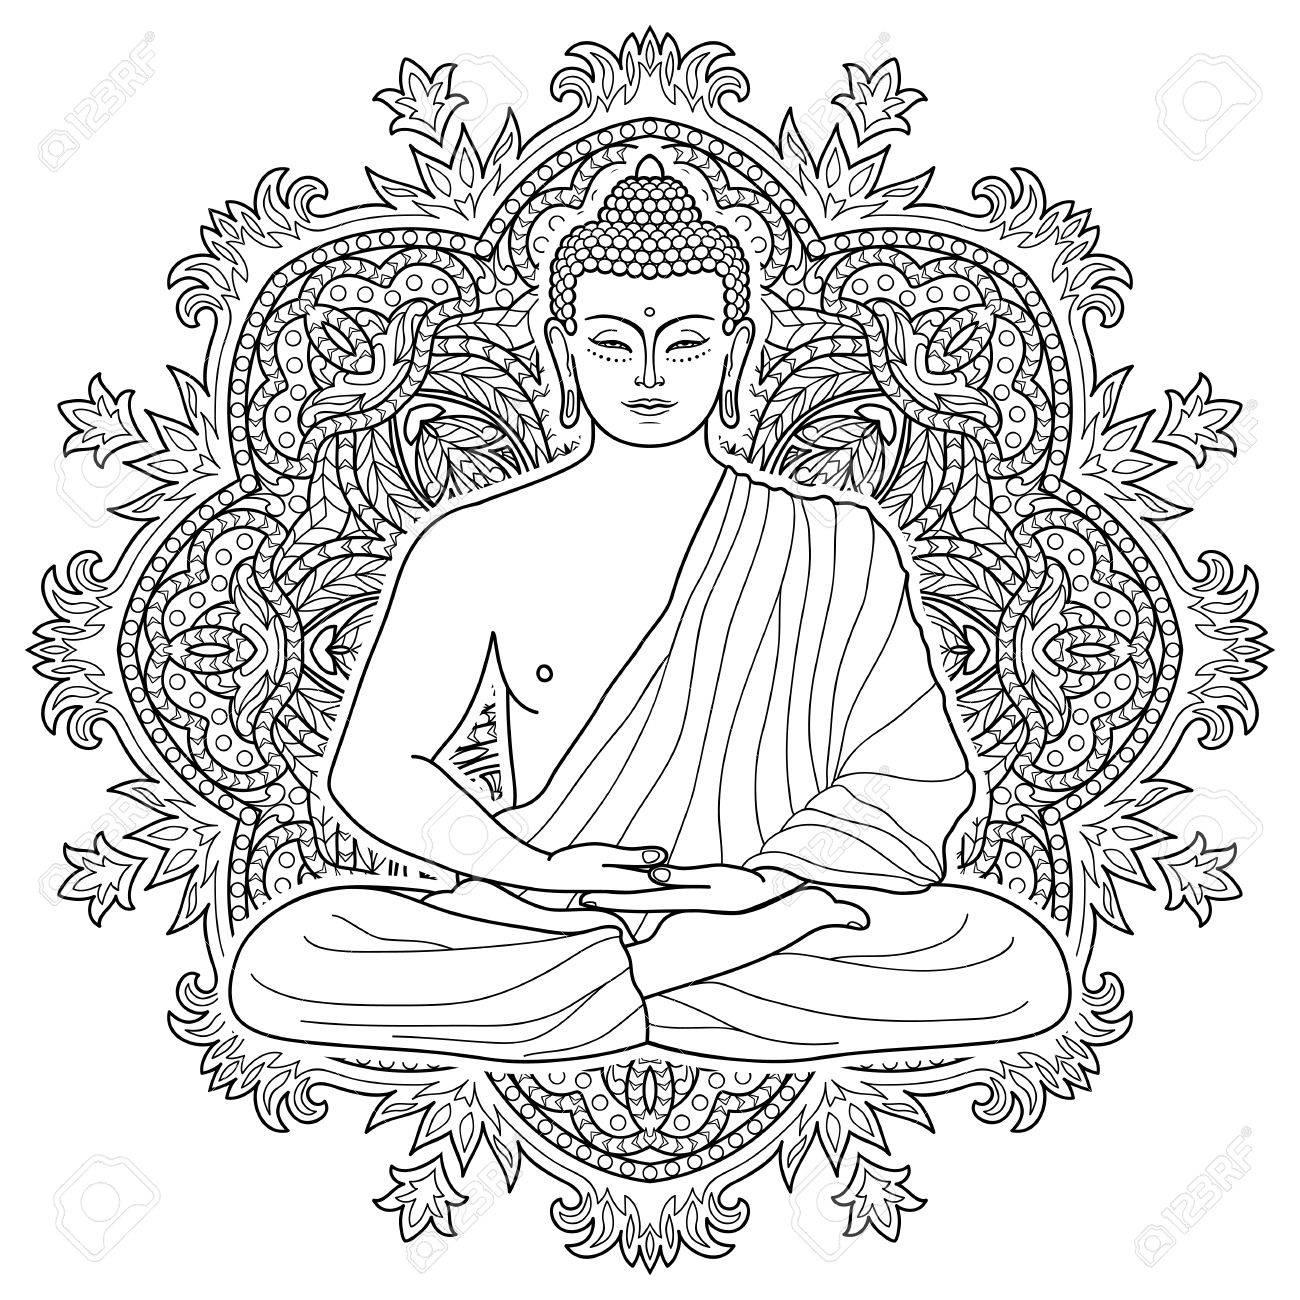 - Sitting Buddha In Lotus Position On Mandala Round Background